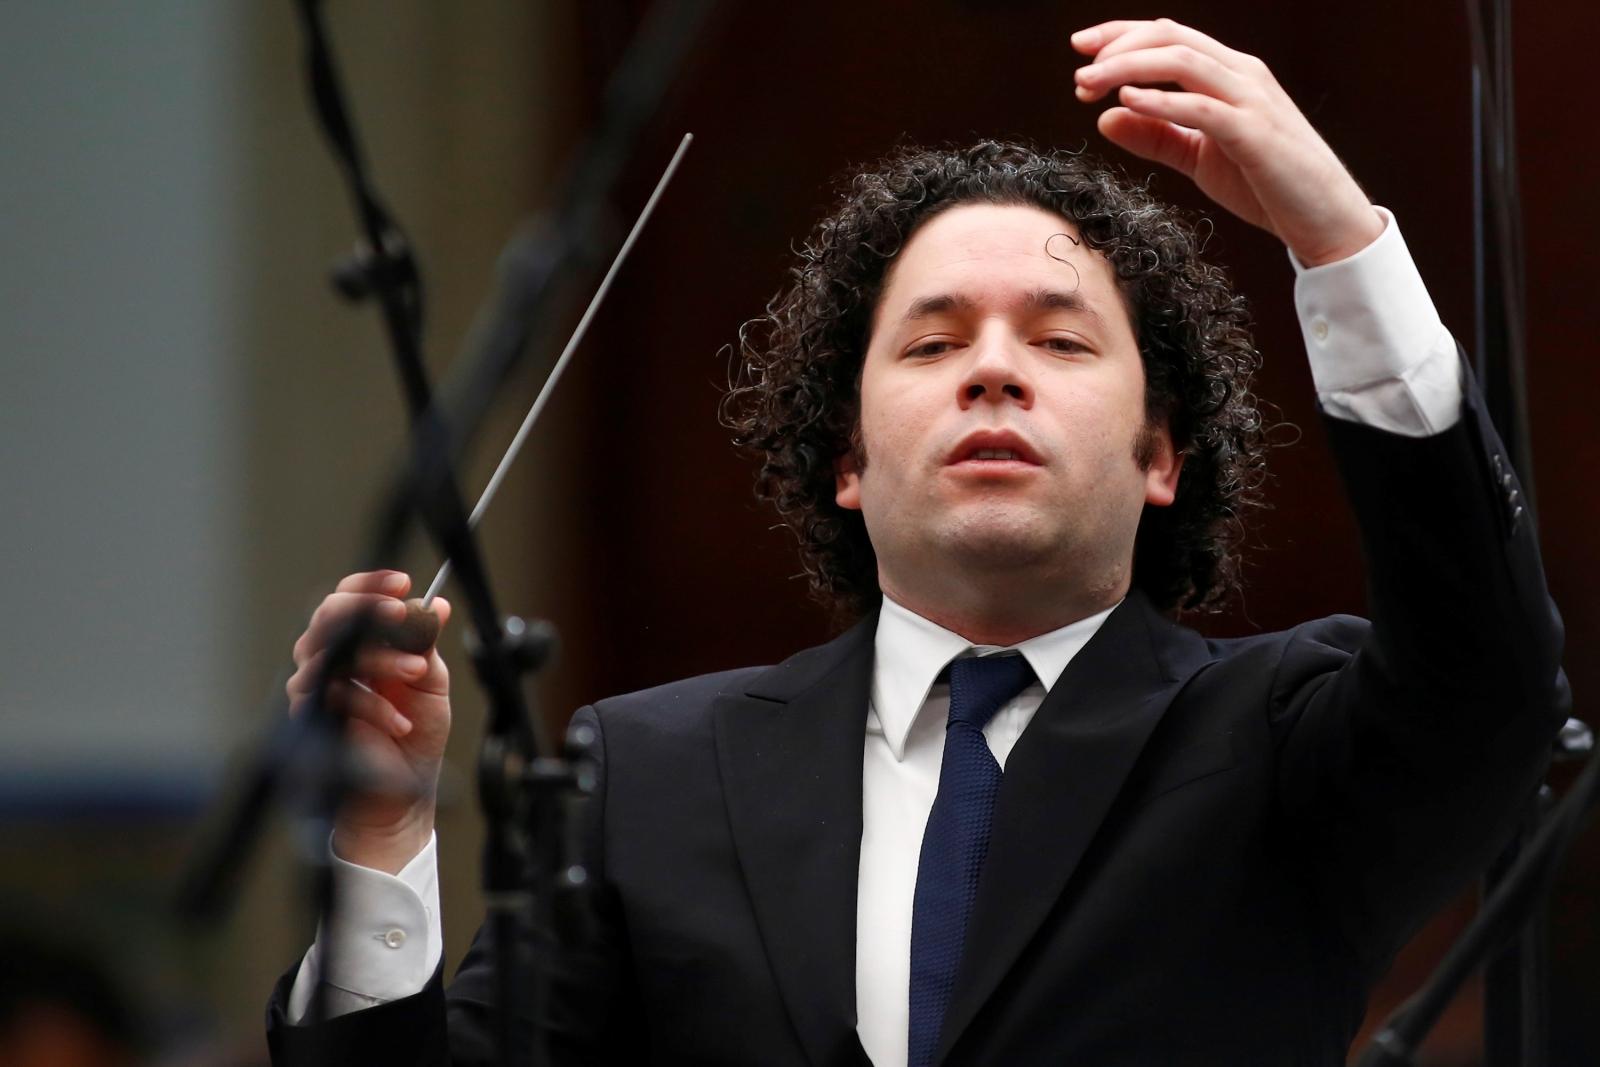 Gustavo Dudamel Raises His Voice Against Venezuelan